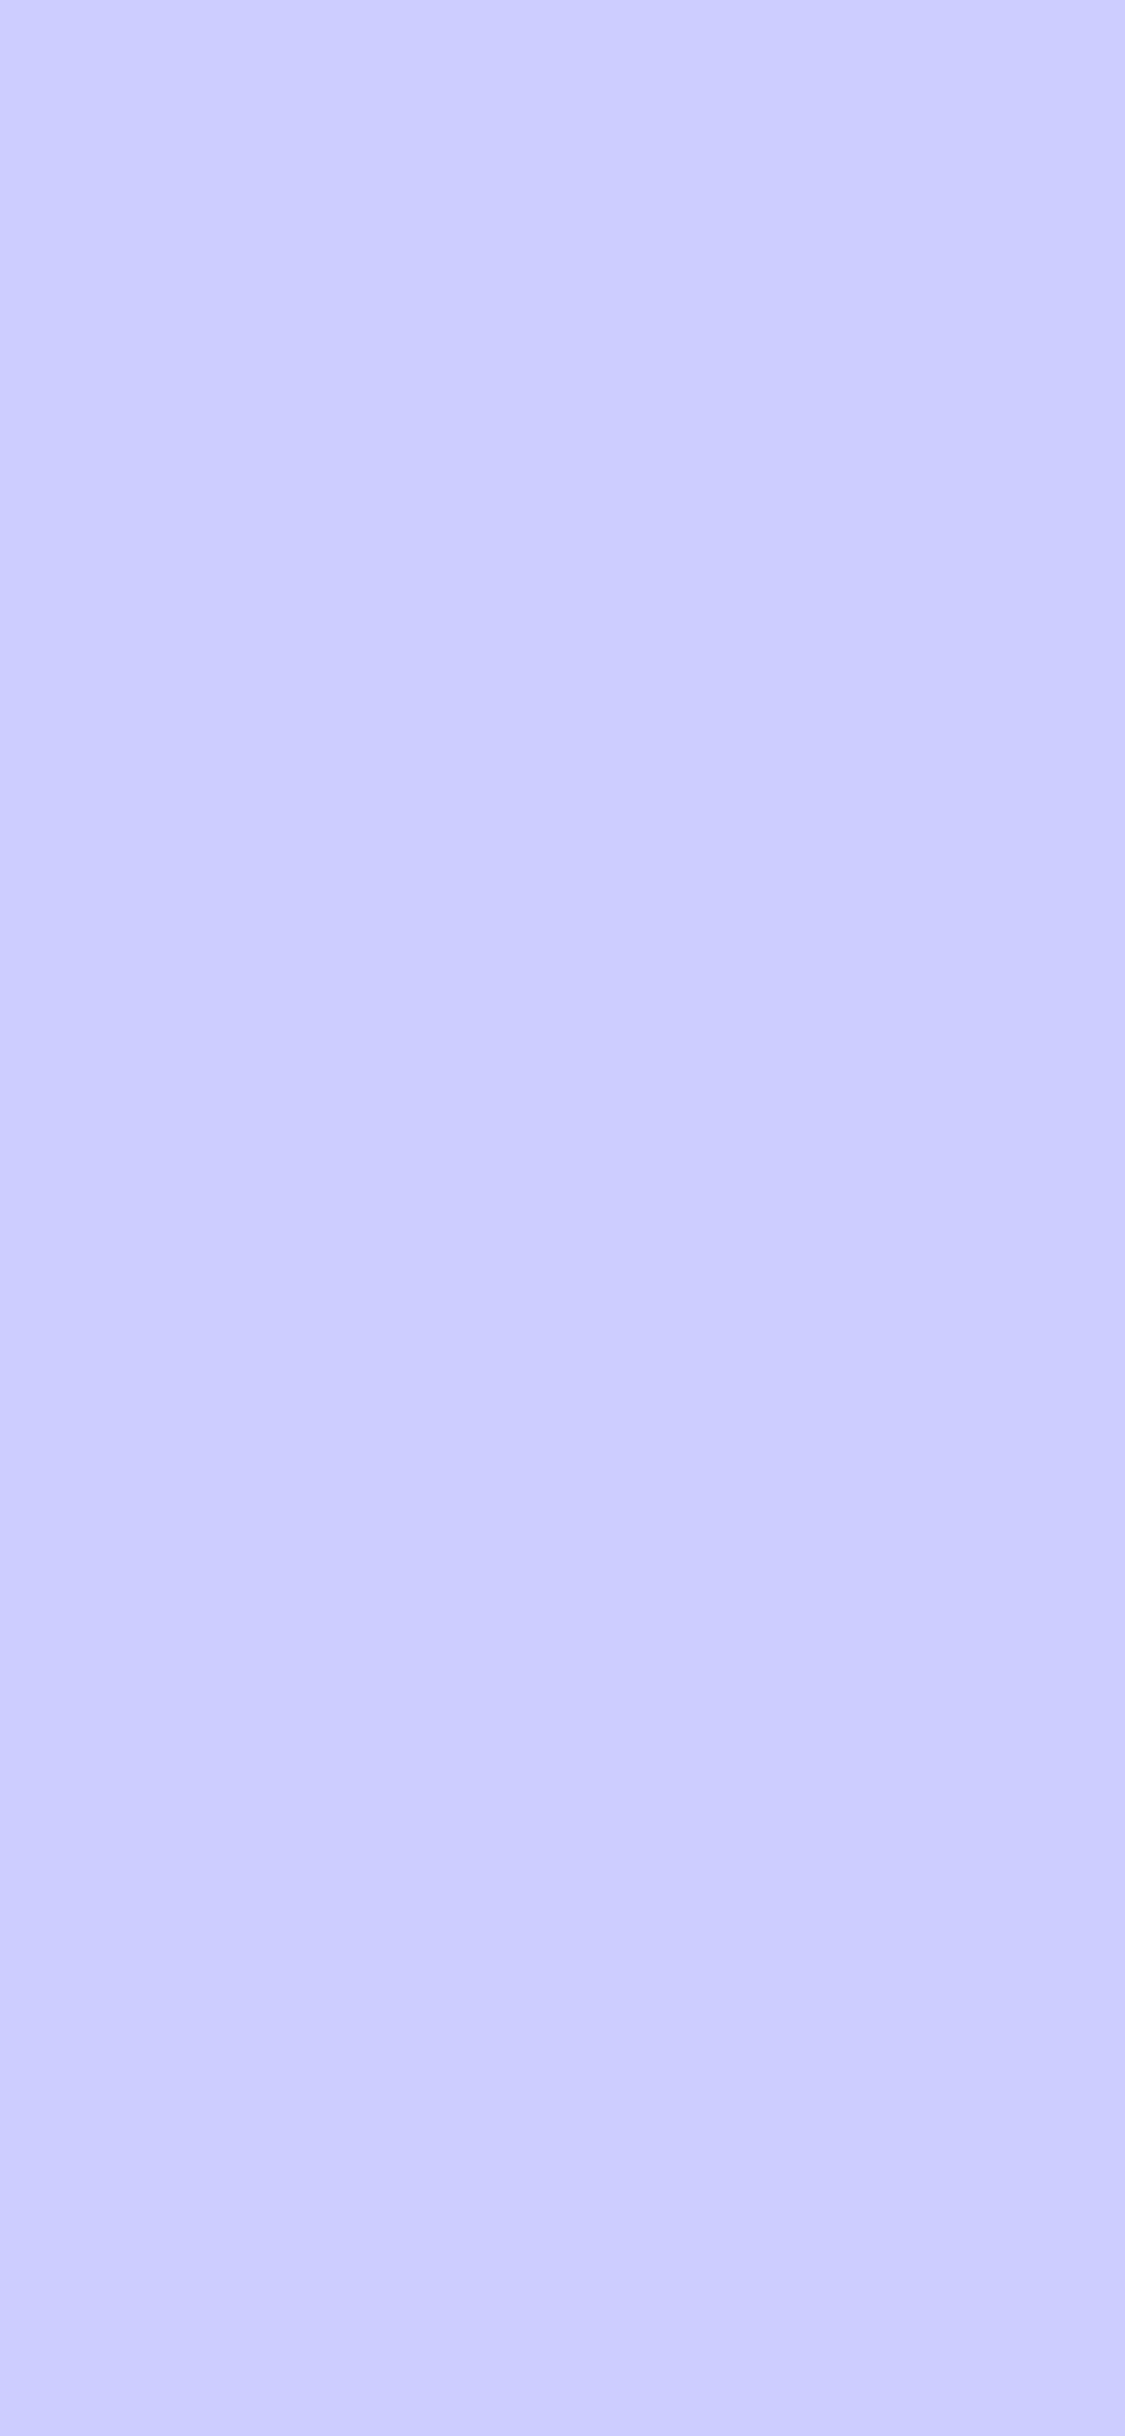 1125x2436 Lavender Blue Solid Color Background